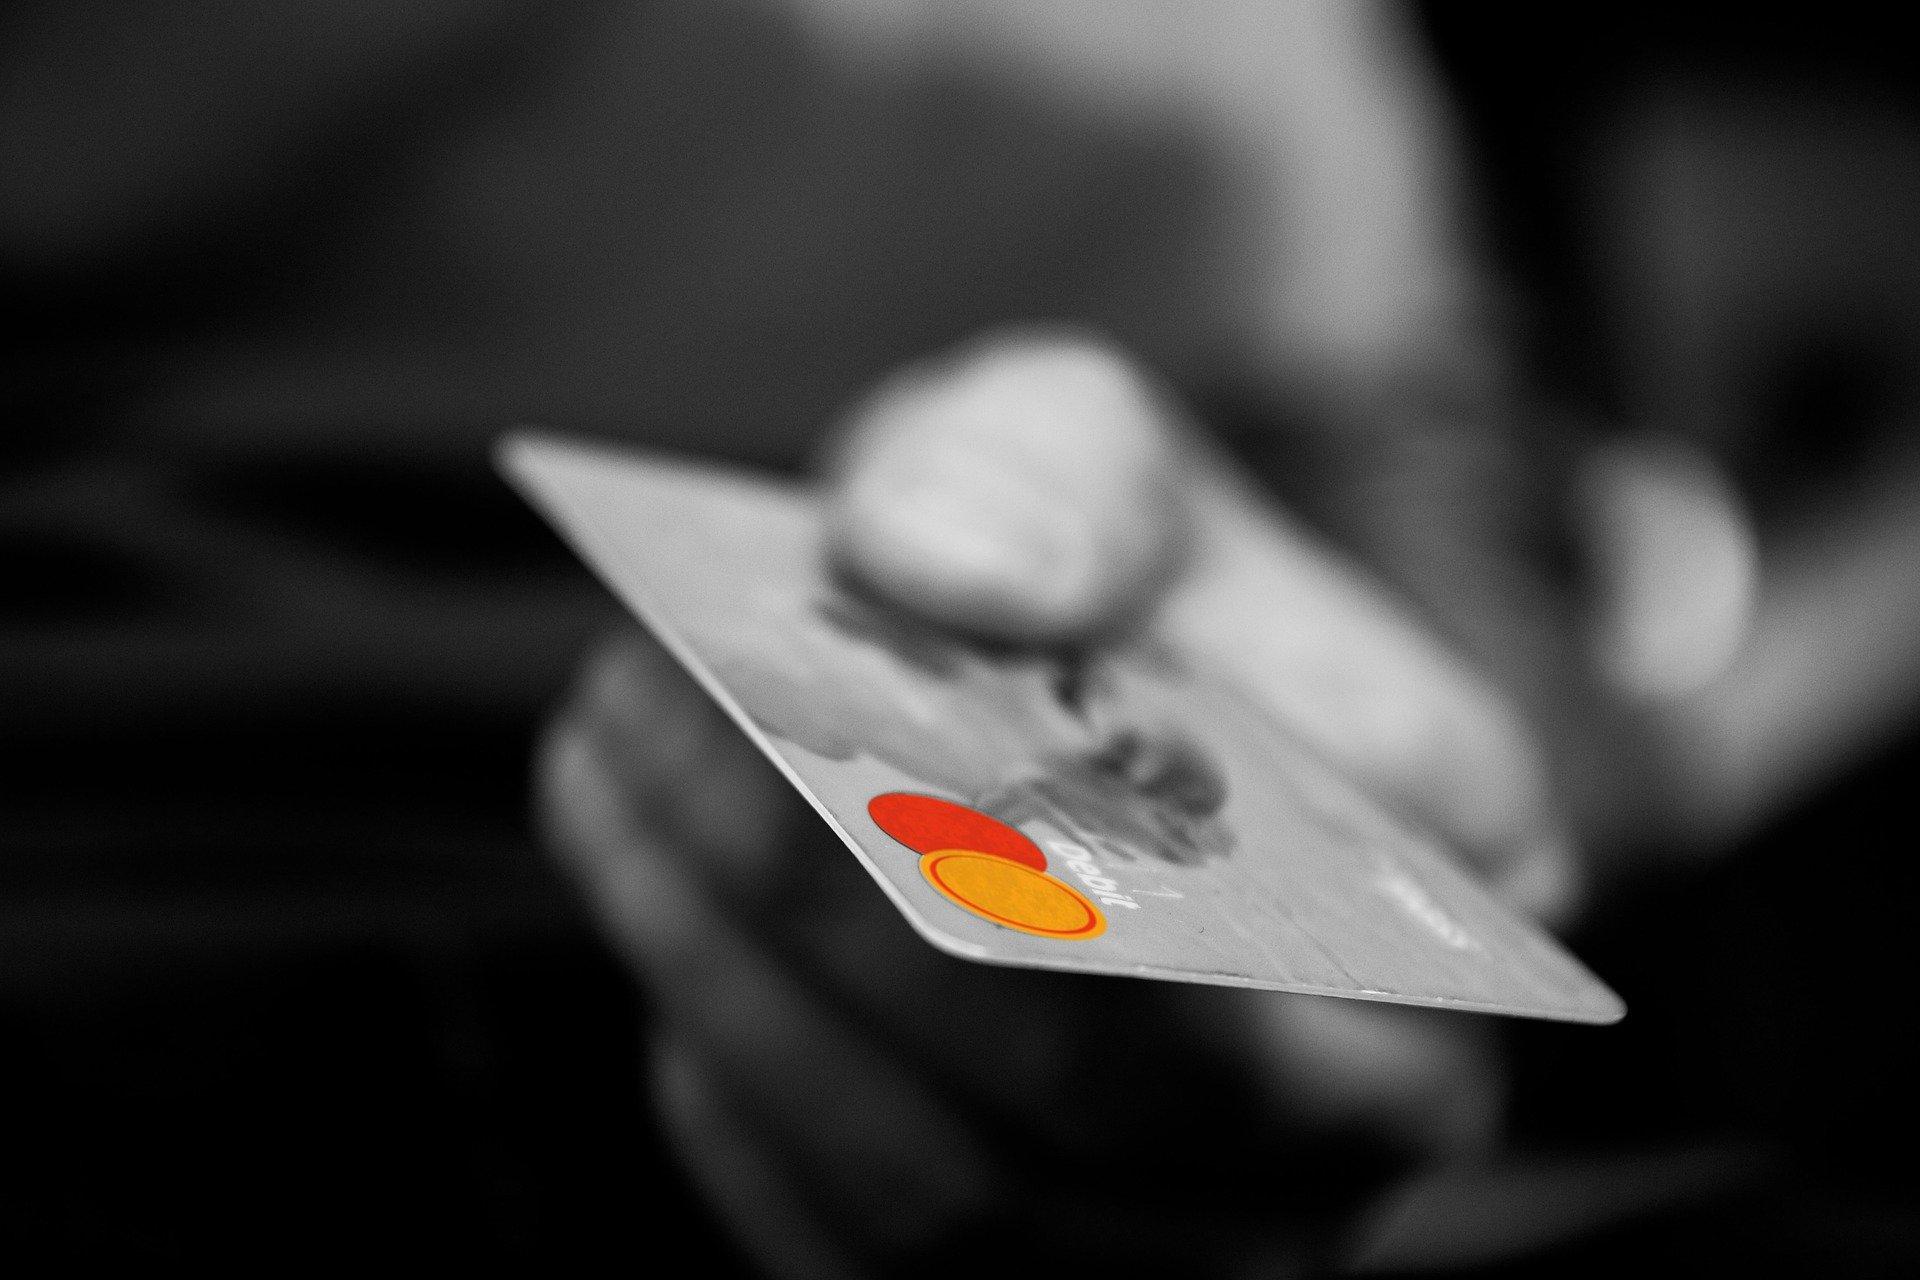 Avocat droit des affaires, droit bancaire, litige banque, contentieux banque, droit des moyens de paiement, litige carte bleu, litige chèque, contentieux carte bleu, contentieux chèque, virement